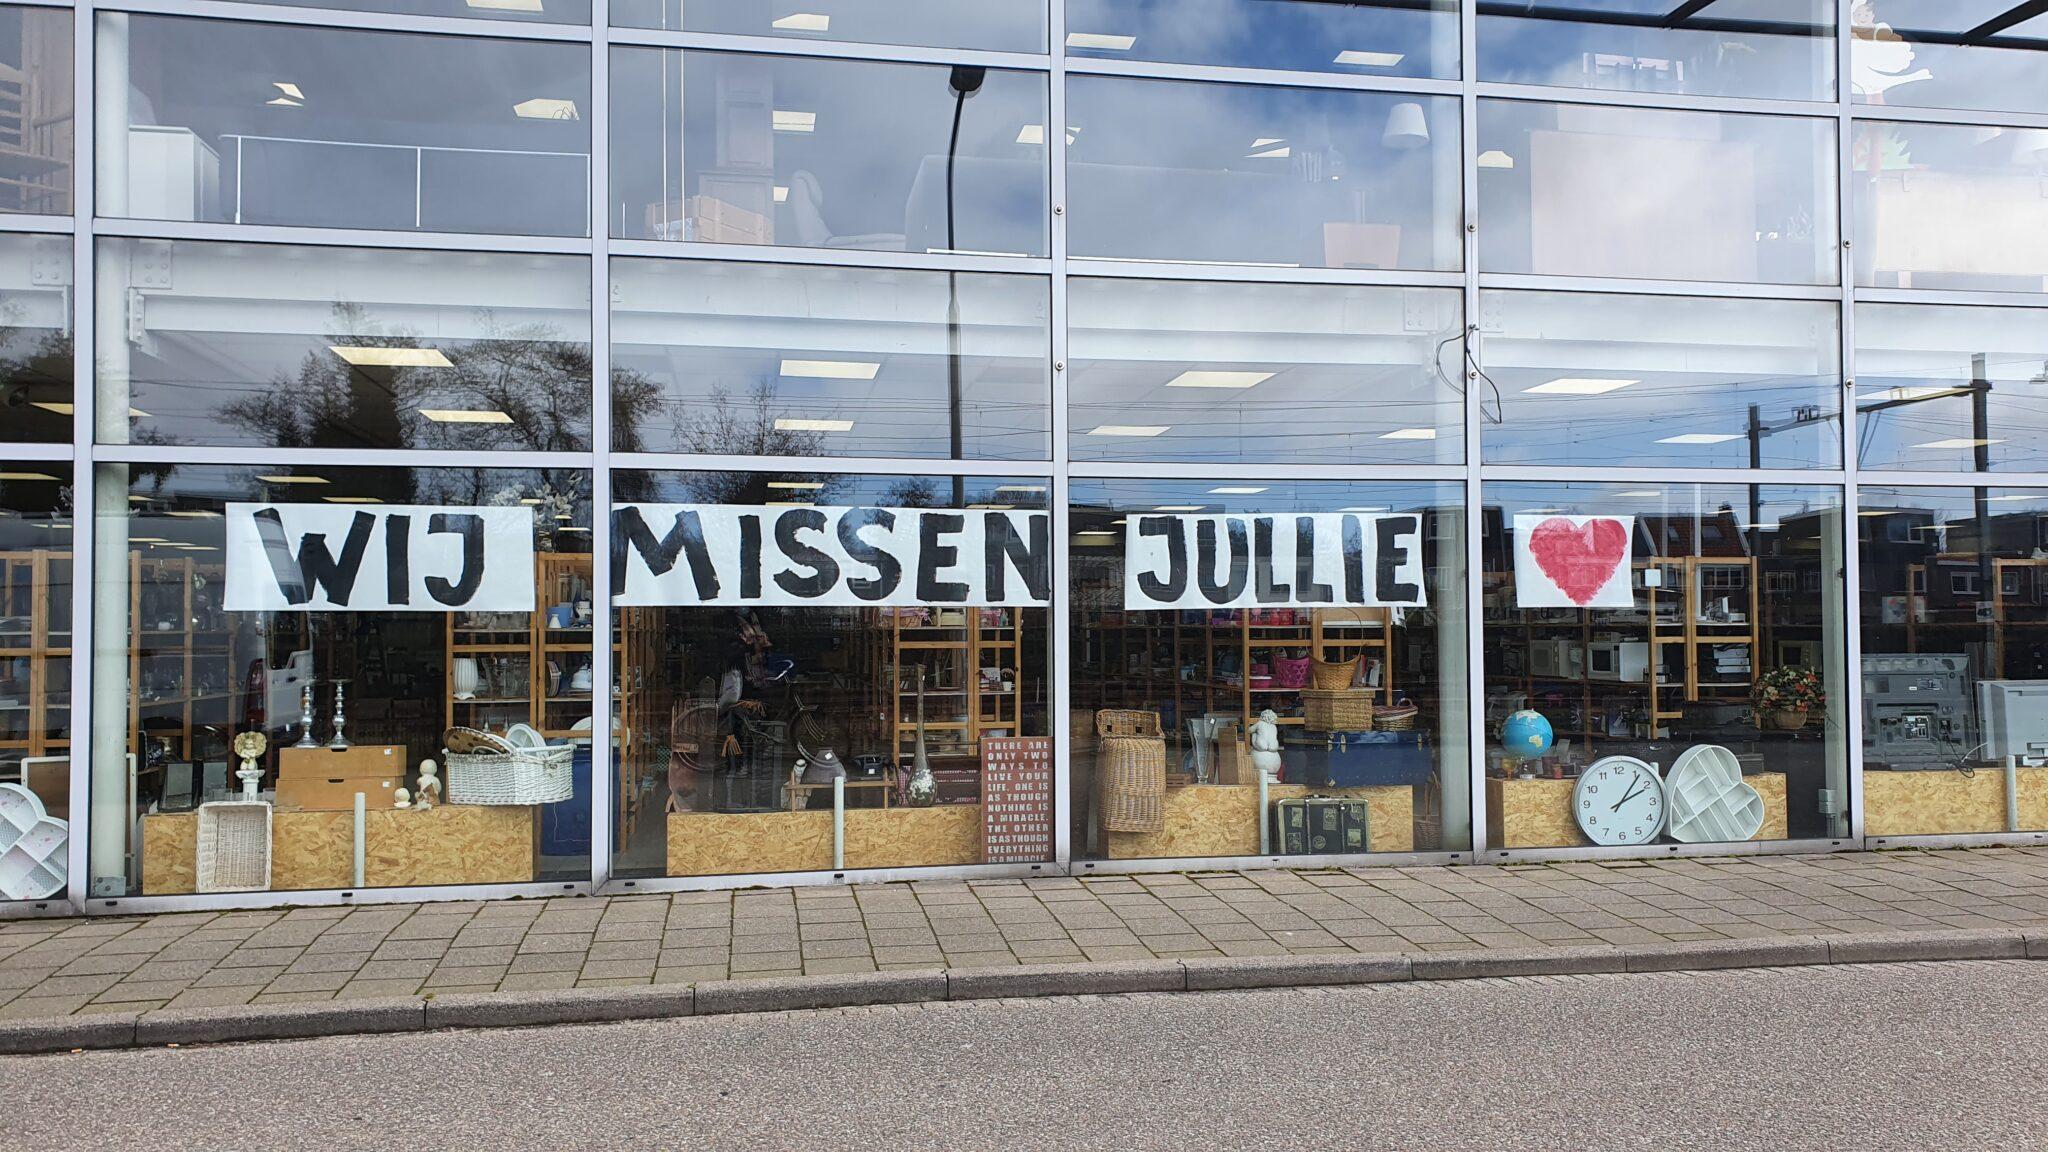 Kringloop Zolder023 wij missen jullie corona winkelen